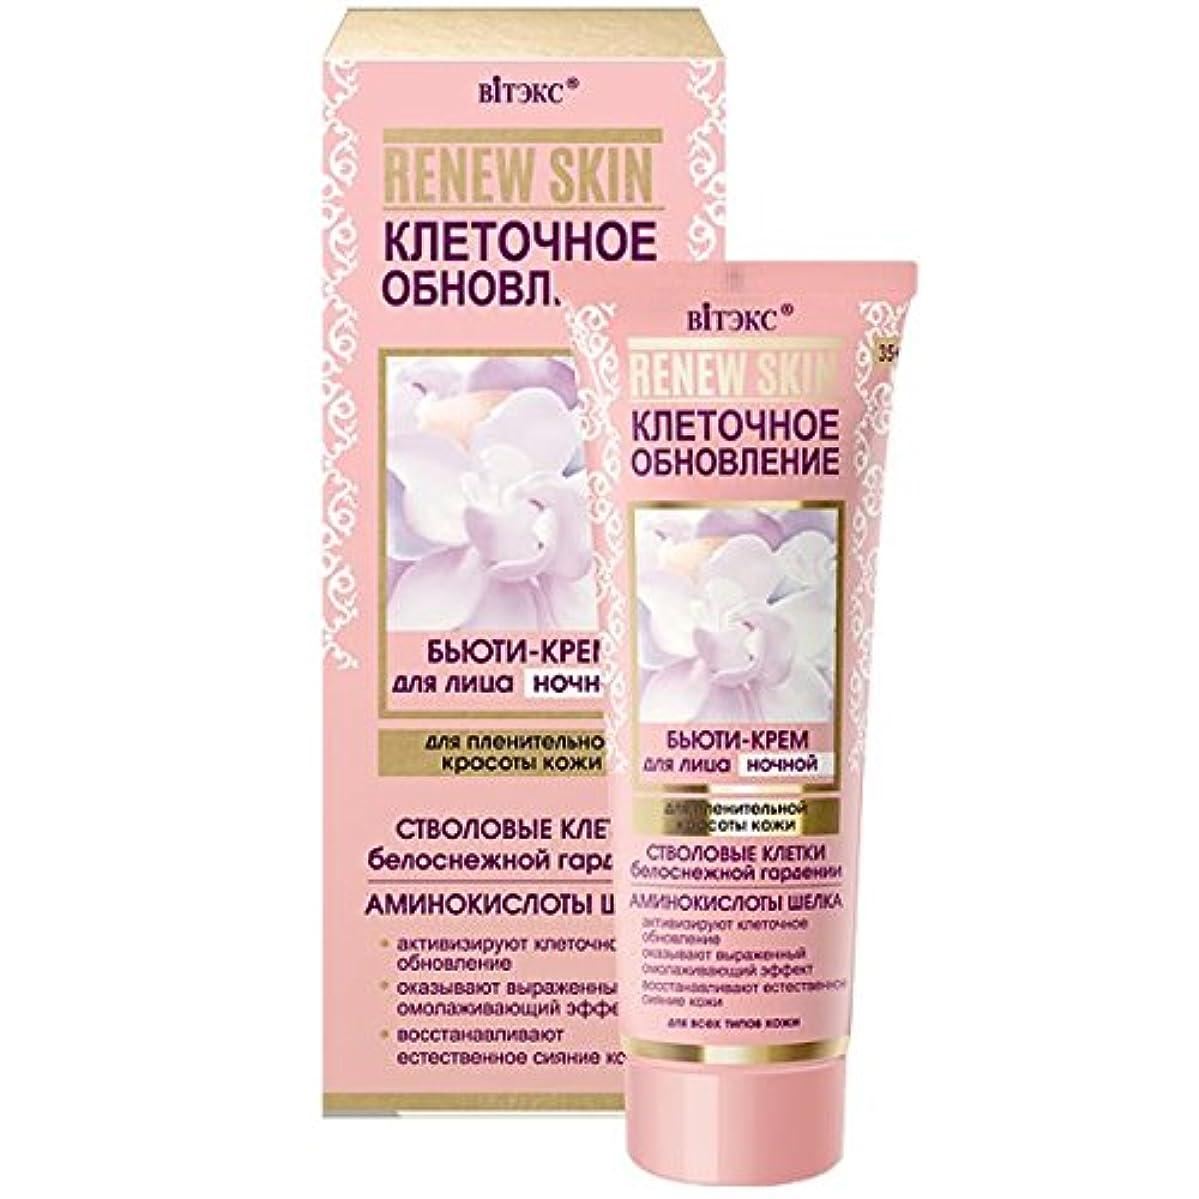 意見敵パーティーNight Cream For Face With Stem Cells Whitening Moisturizing Skin Care Night Cream Face Cream Instantly